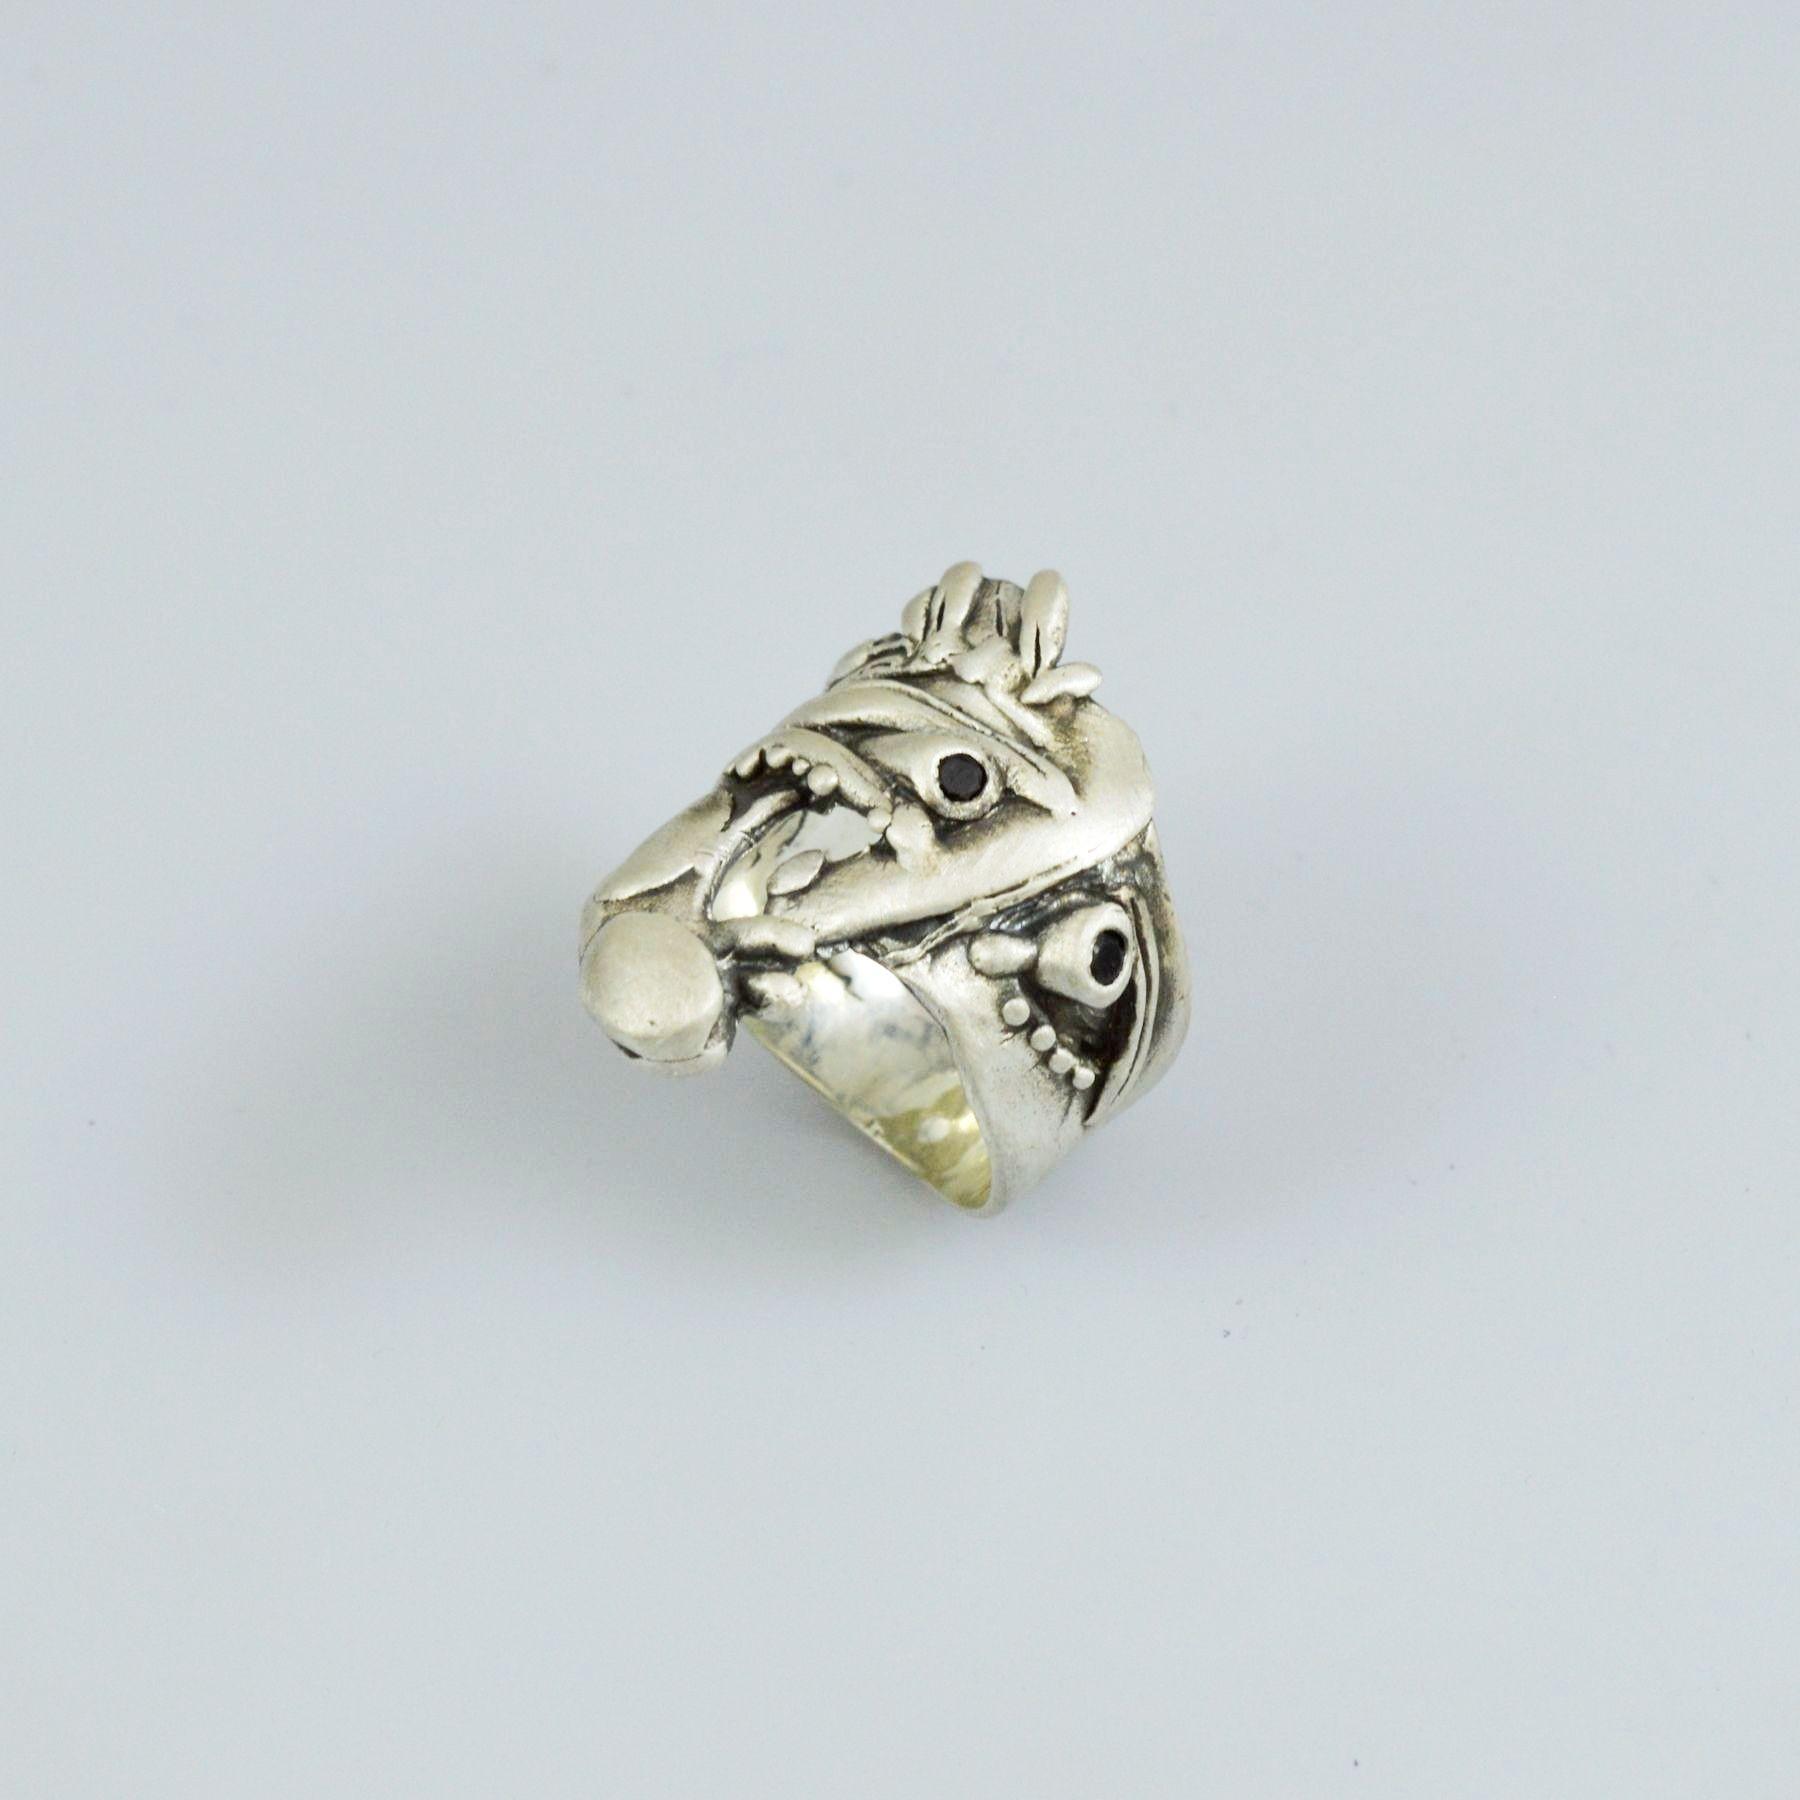 Δαχτυλίδι αντρικό χειροποίητο απο ασήμι 925 με κυβικά ζιρκόνια